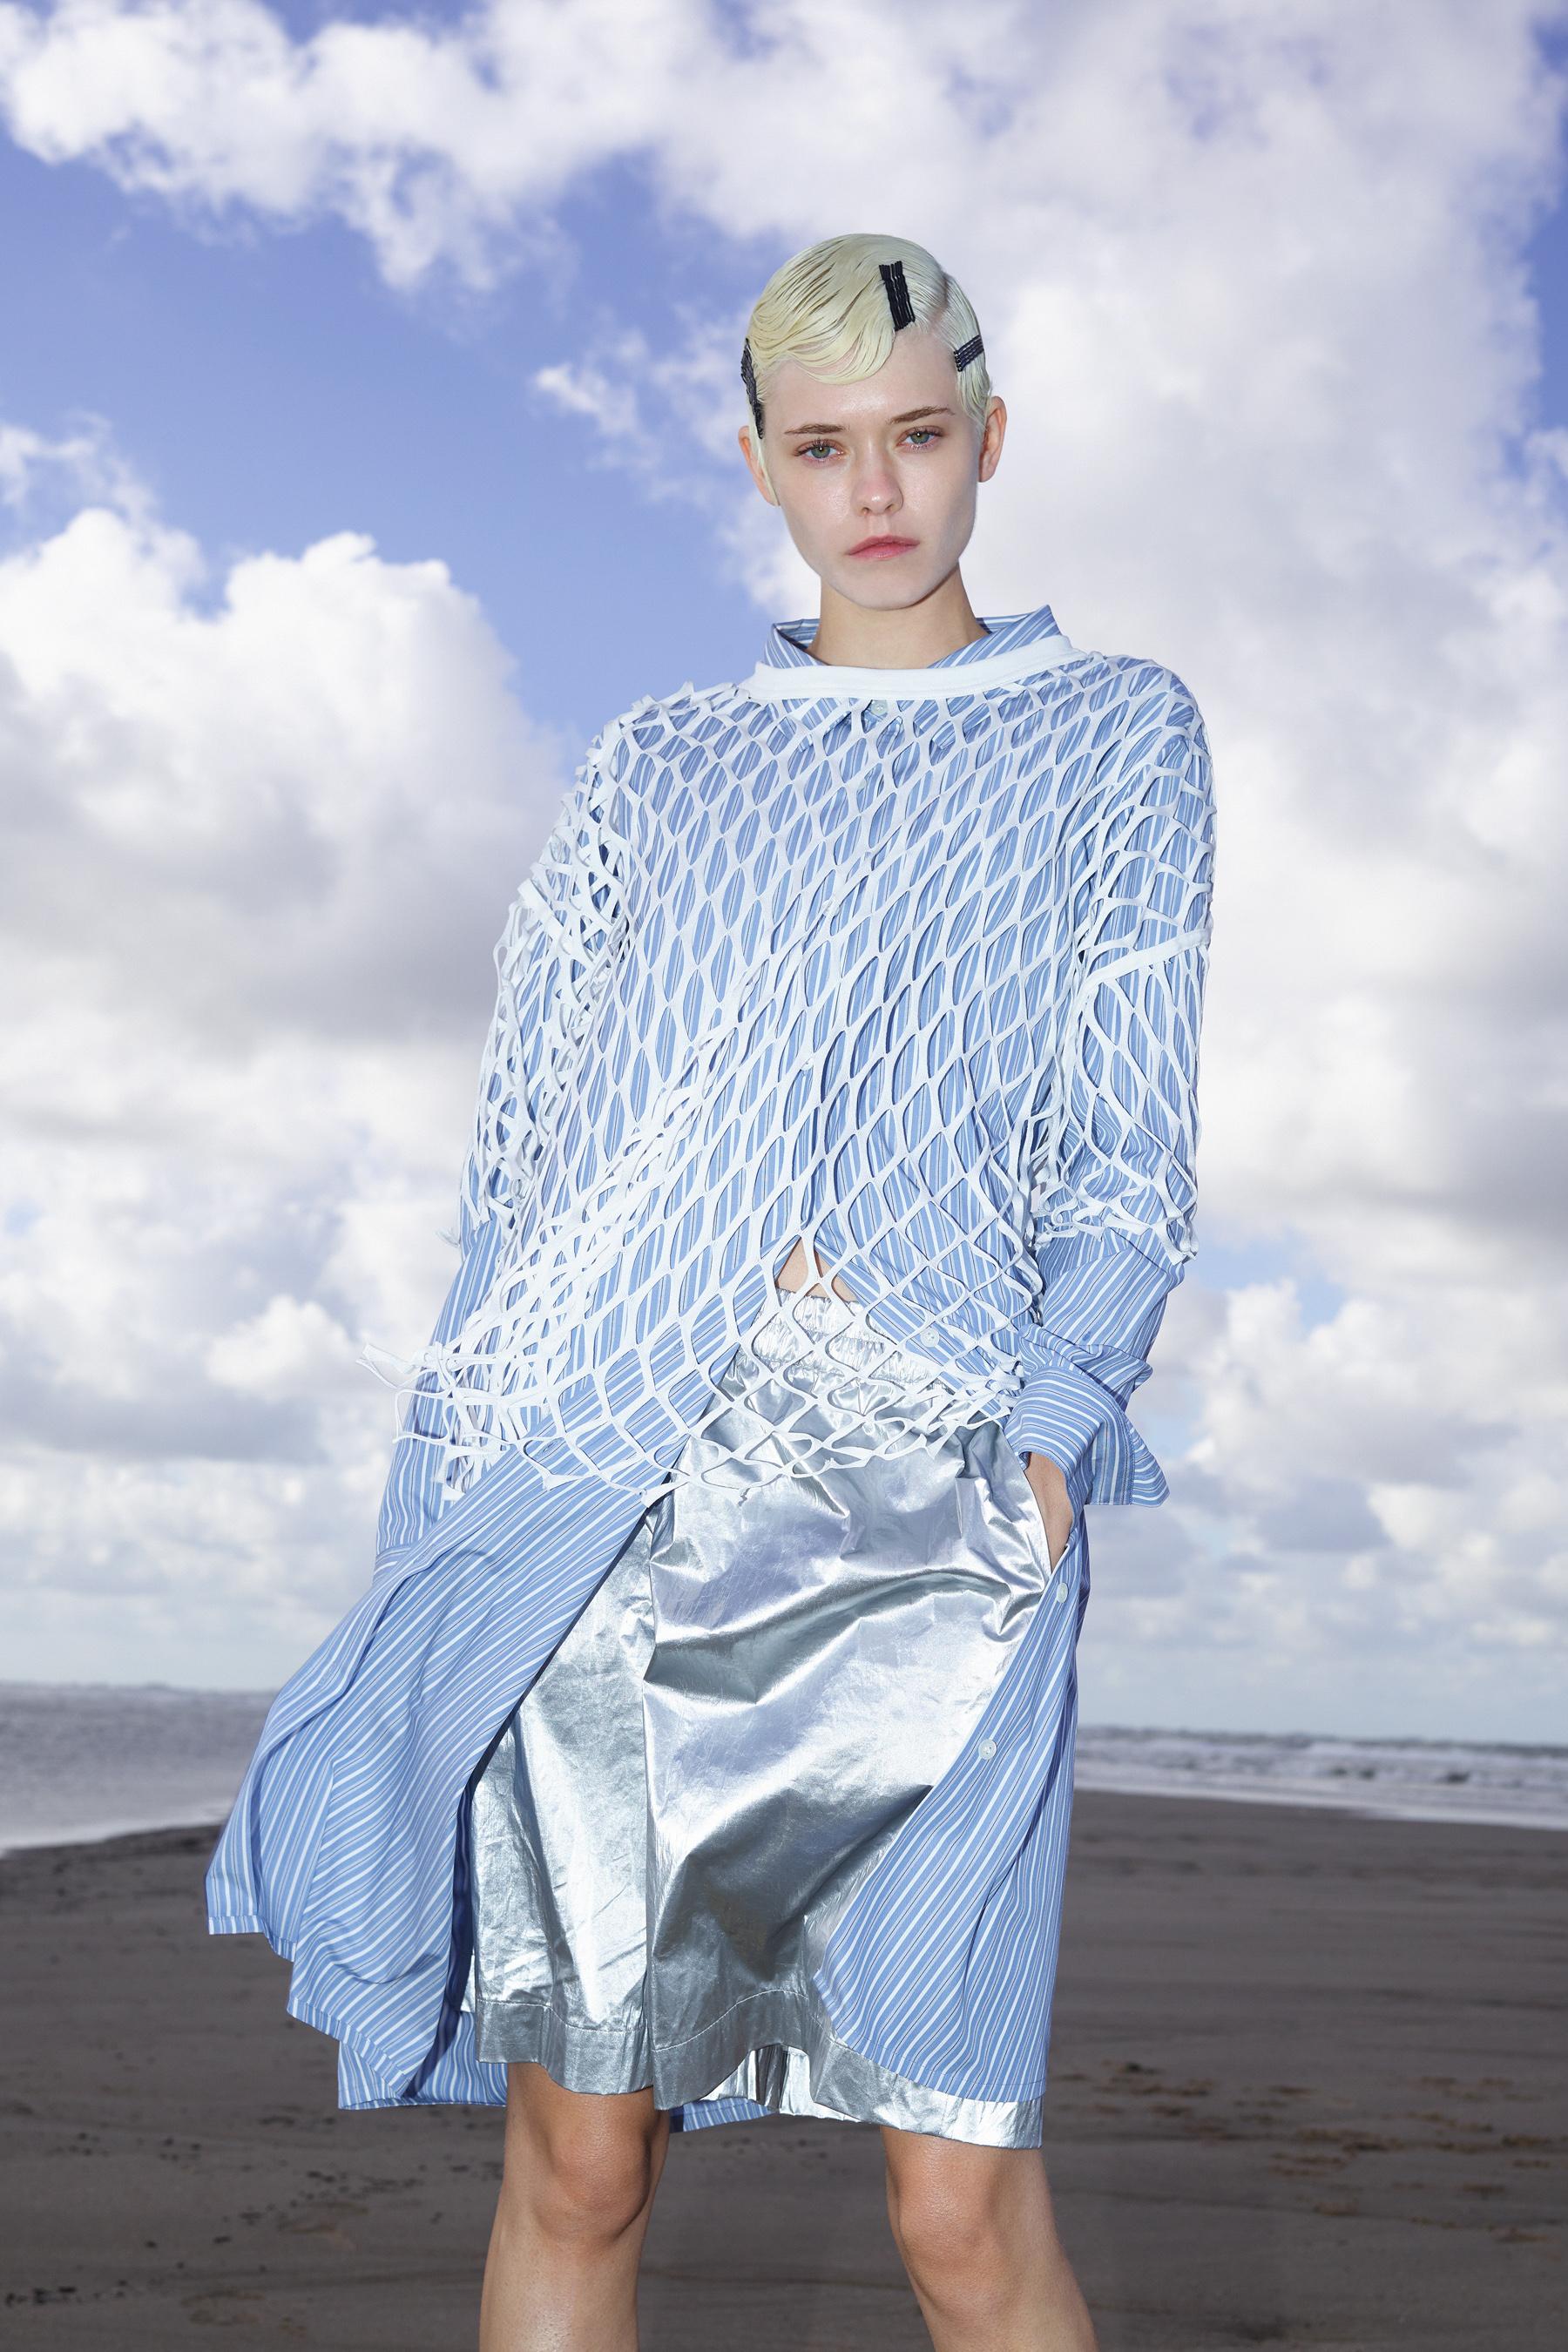 Dries Van Noten Spring 2021 Fashion Show